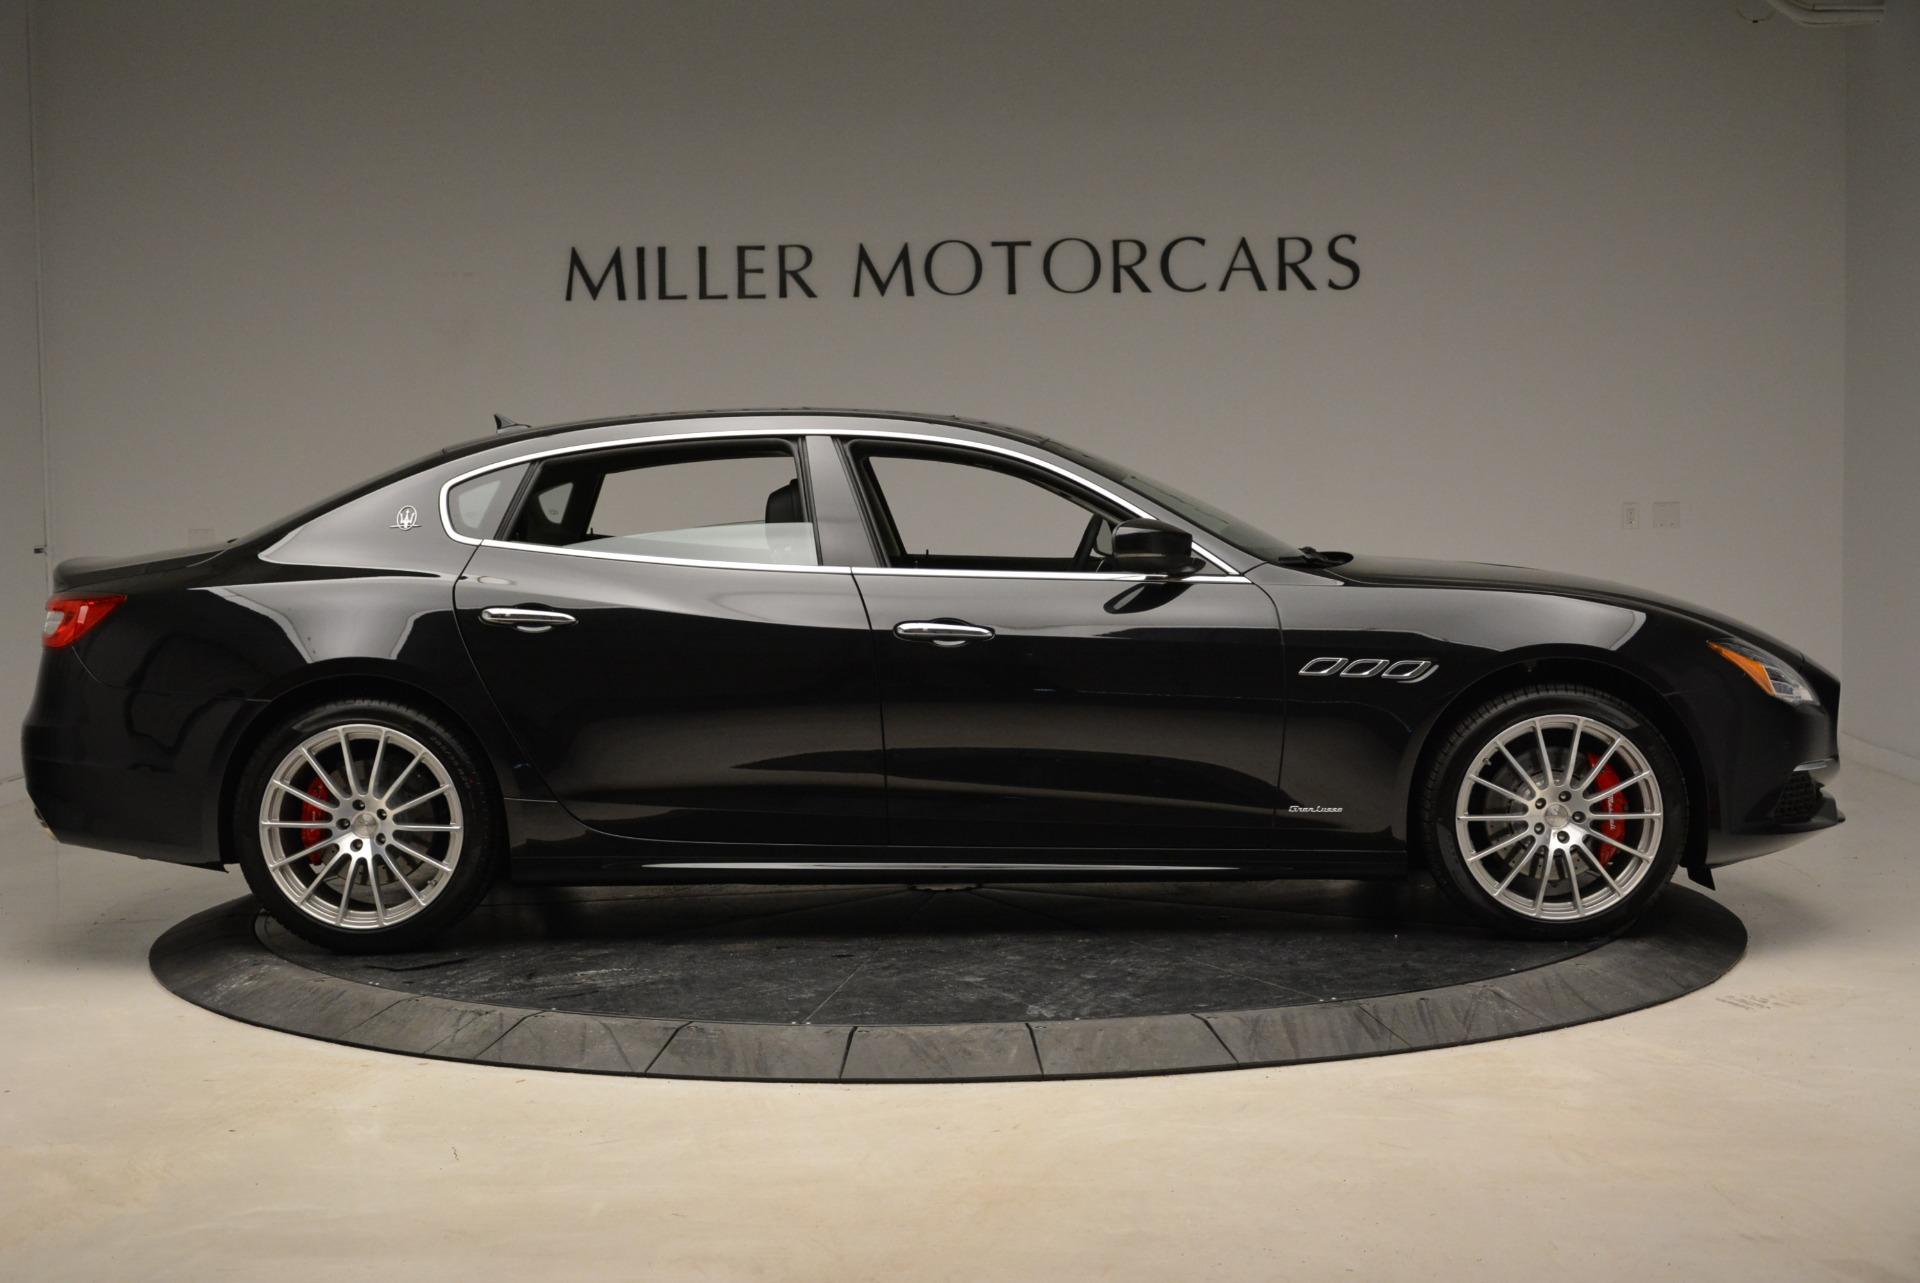 New 2018 Maserati Quattroporte S Q4 GranLusso For Sale In Westport, CT 2386_p9